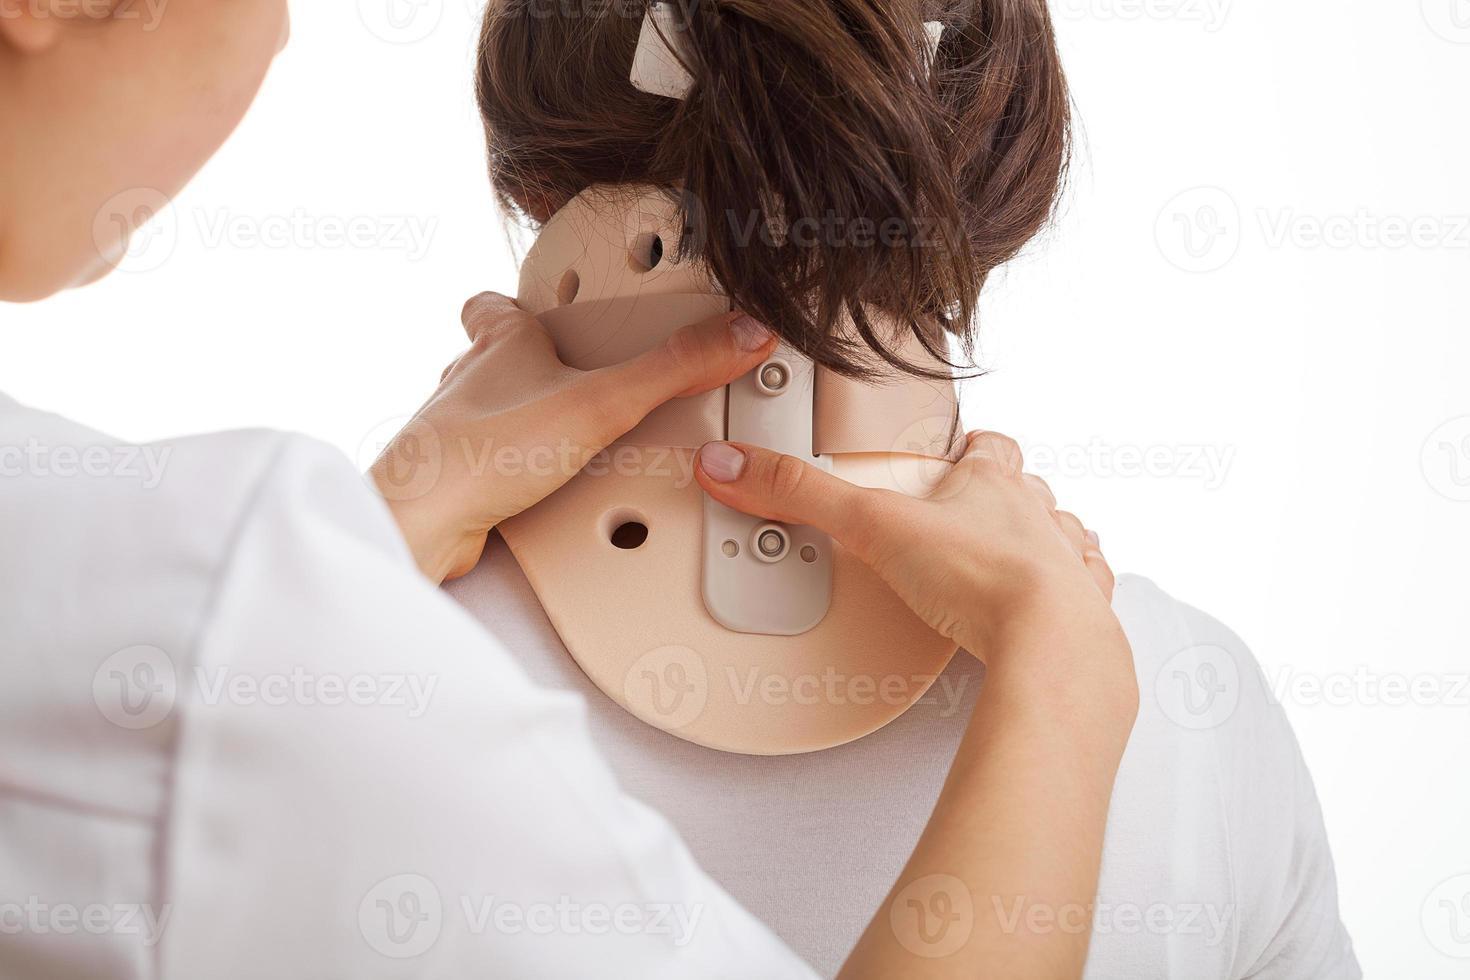 cervikal krage foto